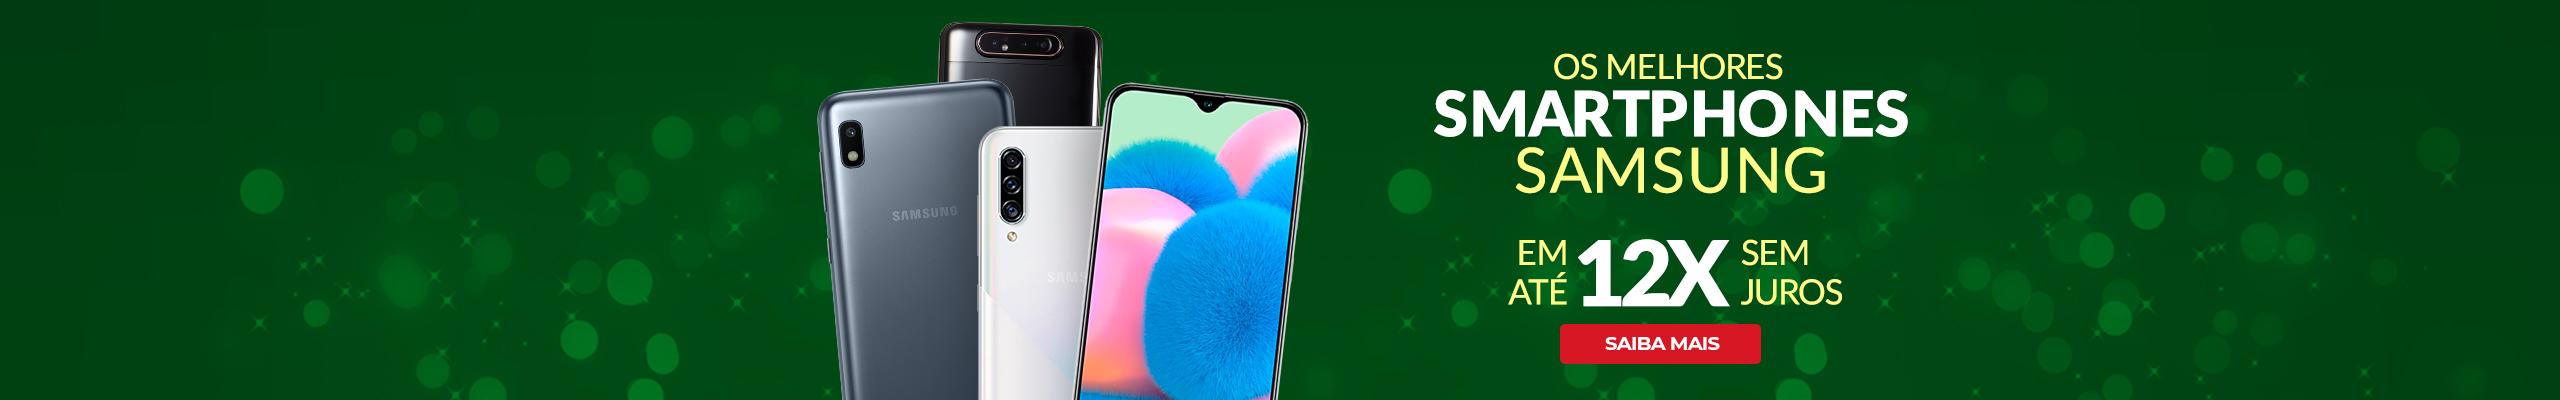 Os melhores Smartphones | 09 a 15